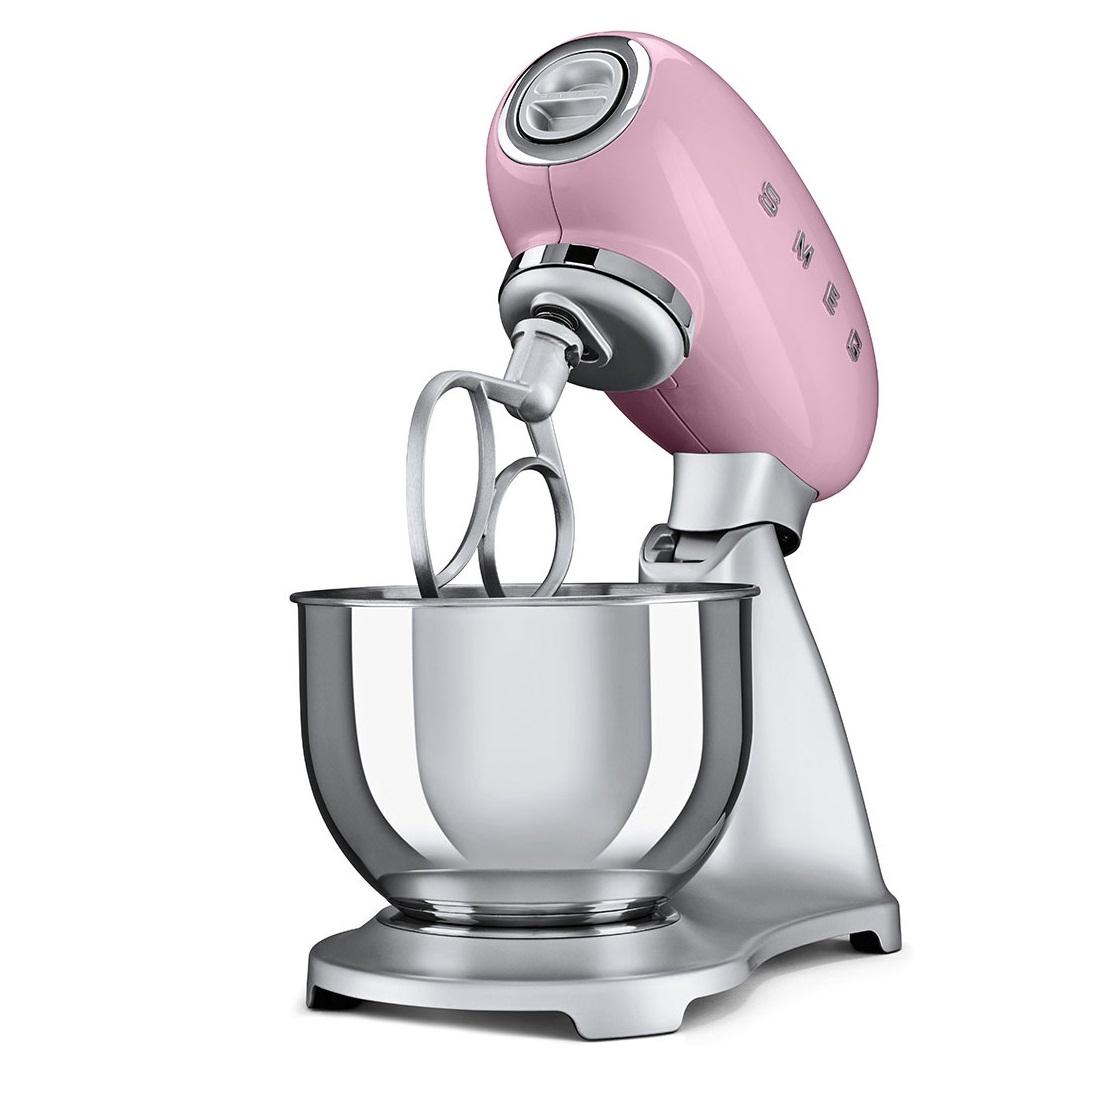 Robot de cocina SMEG color Rosa